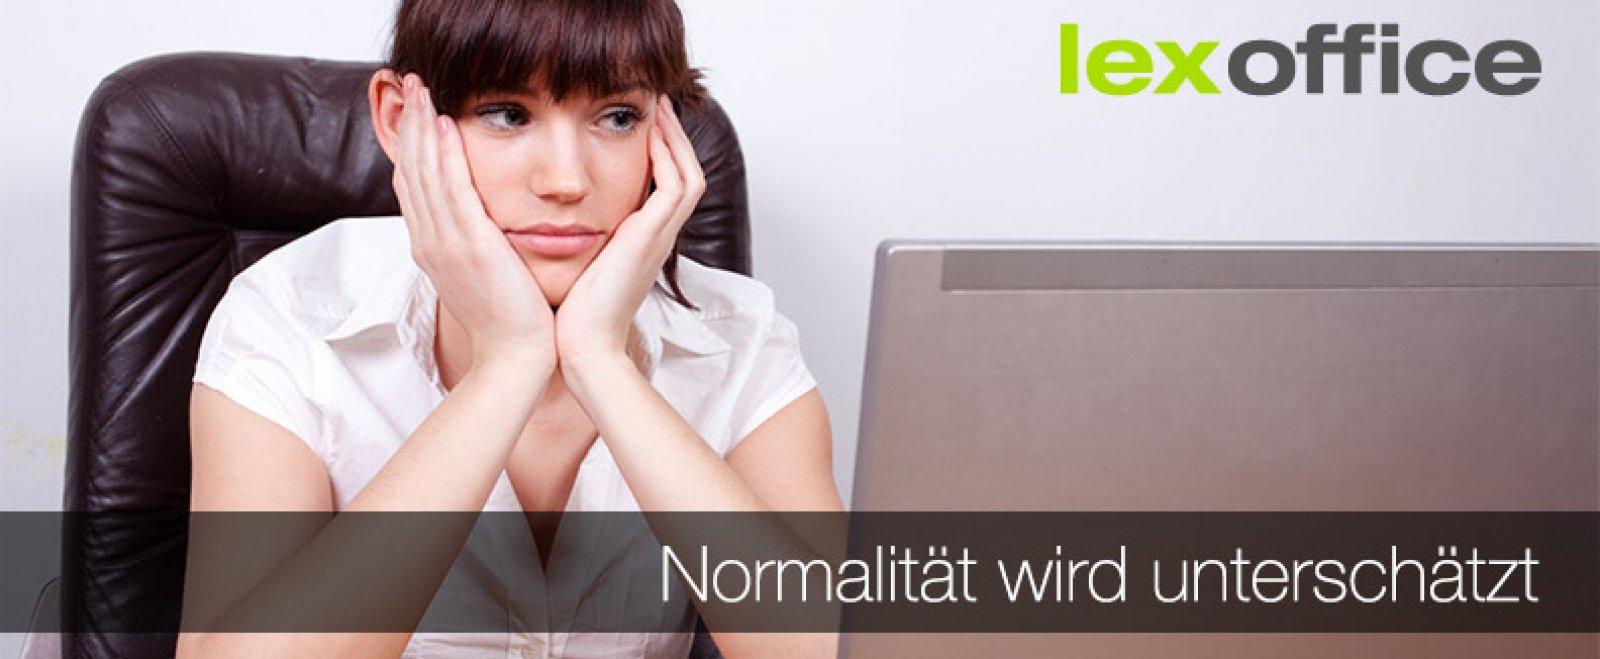 Normalität wird unterschätzt – was wirklich wichtig ist